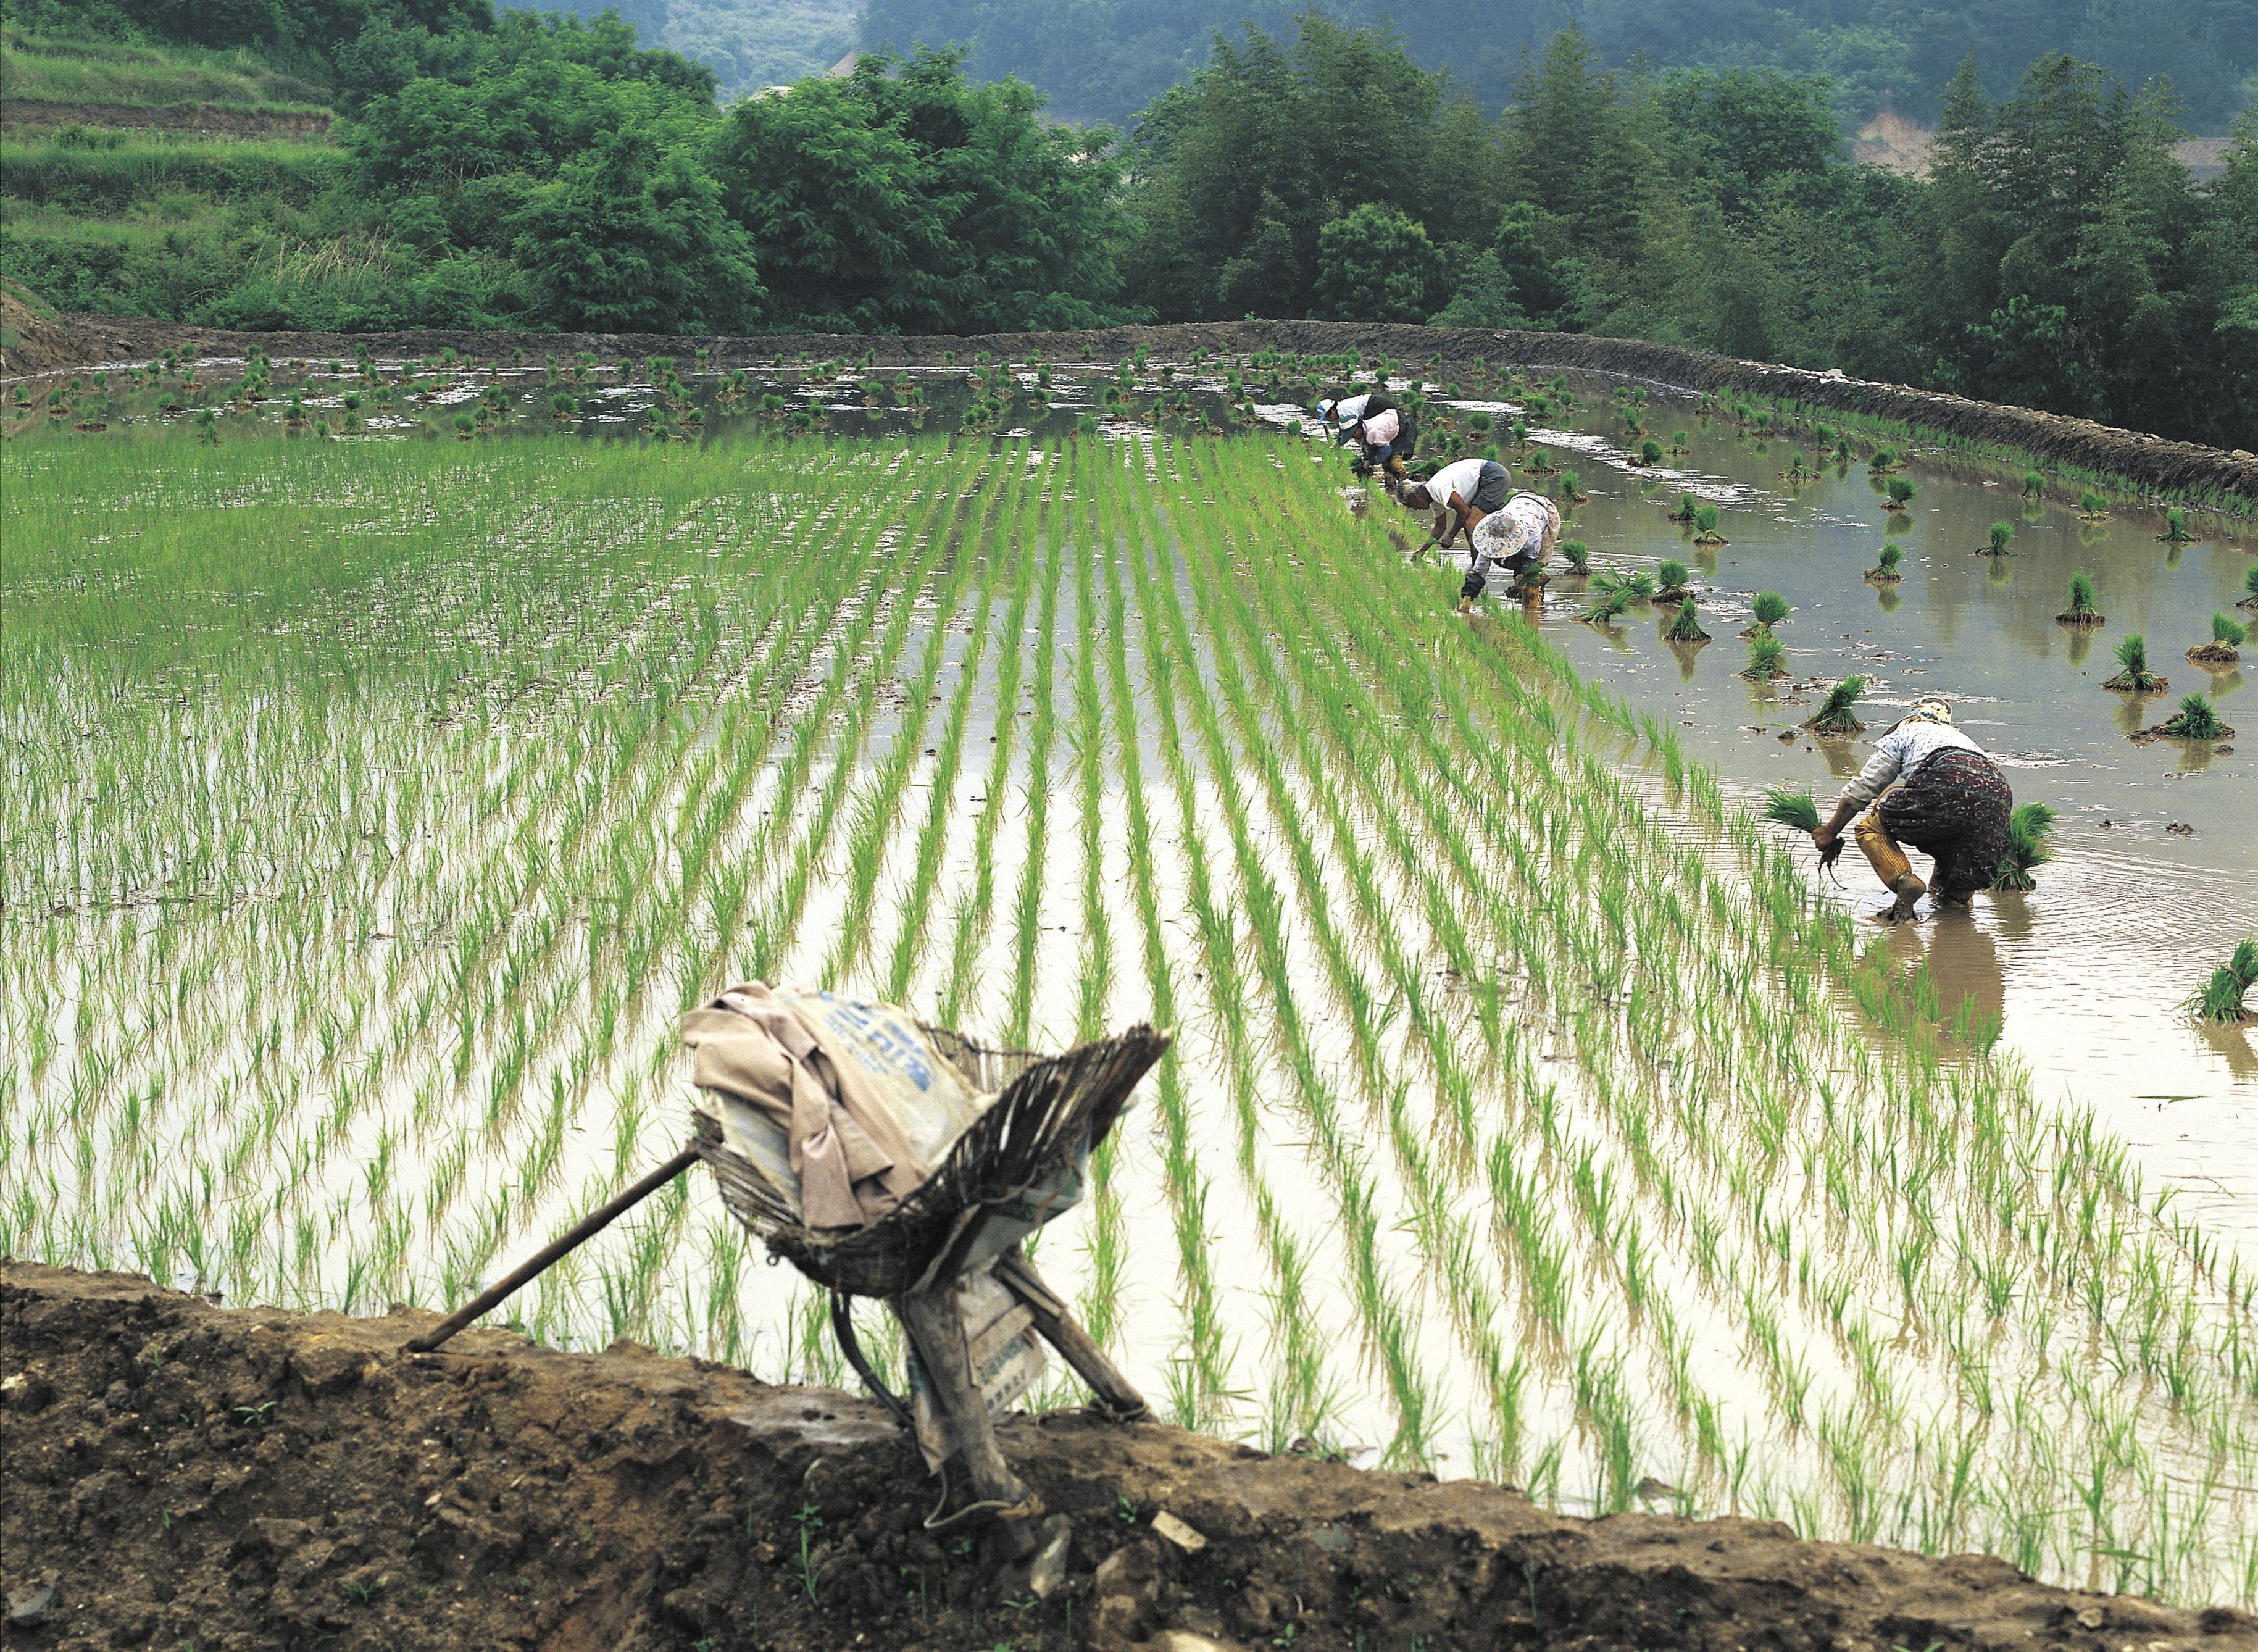 Partes de una planta de arroz |